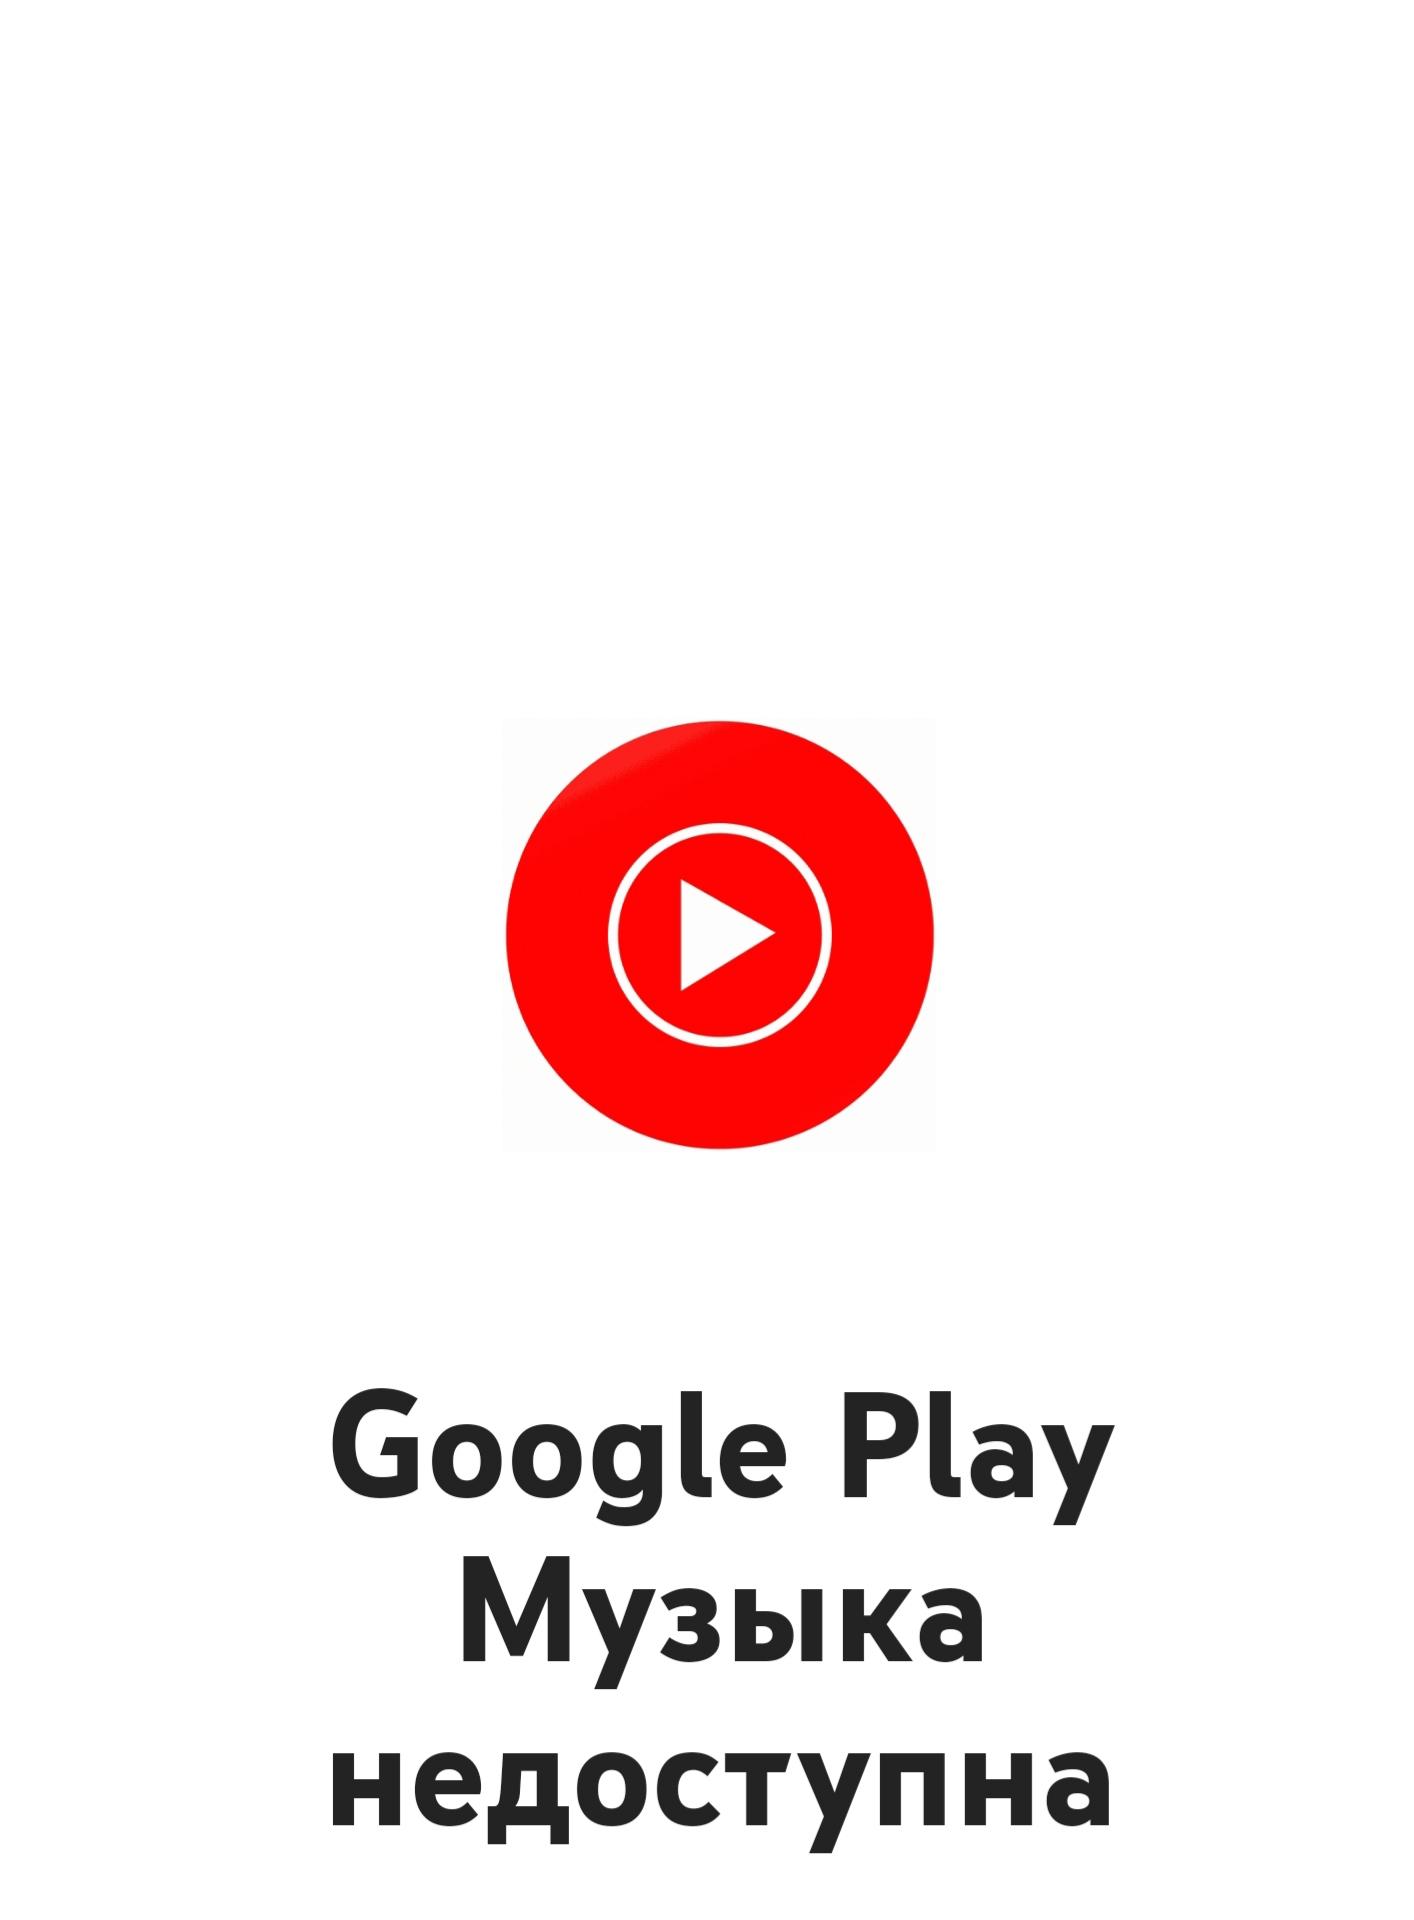 Google закрыла сервис Google Play Music